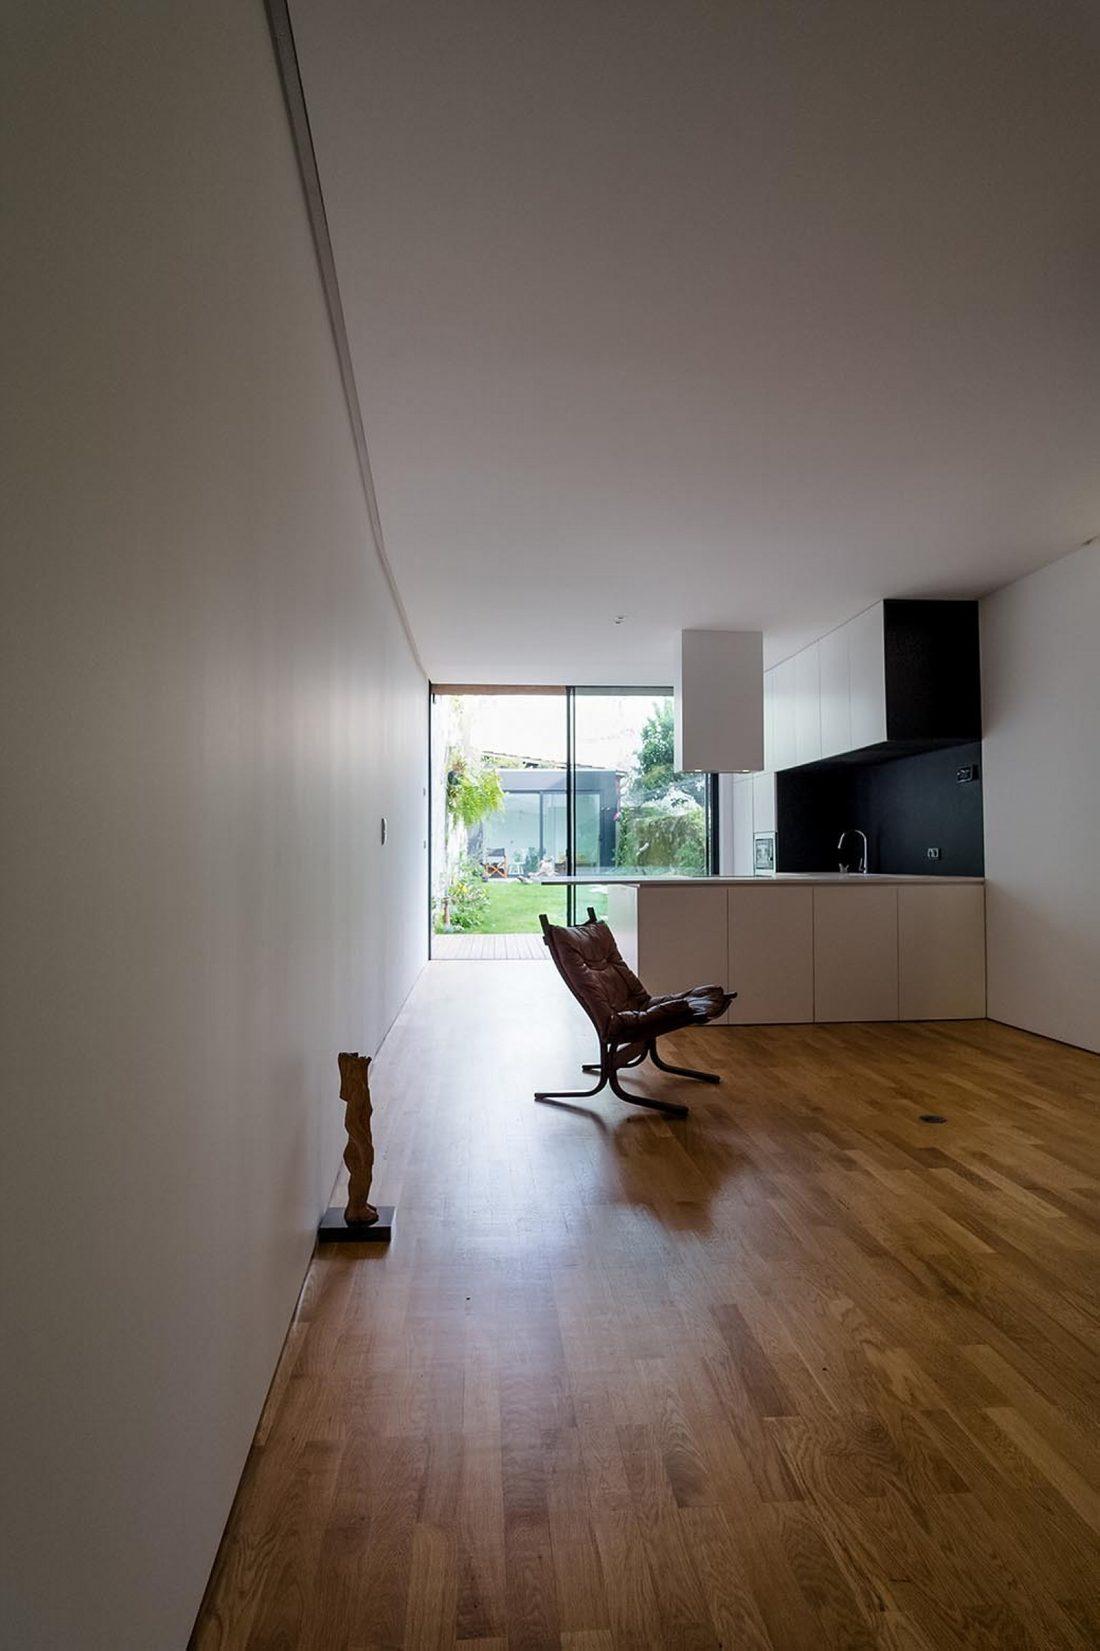 Реконструкция старинного дома Bonjardim House в Португалии по проекту ATKA arquitectos 15